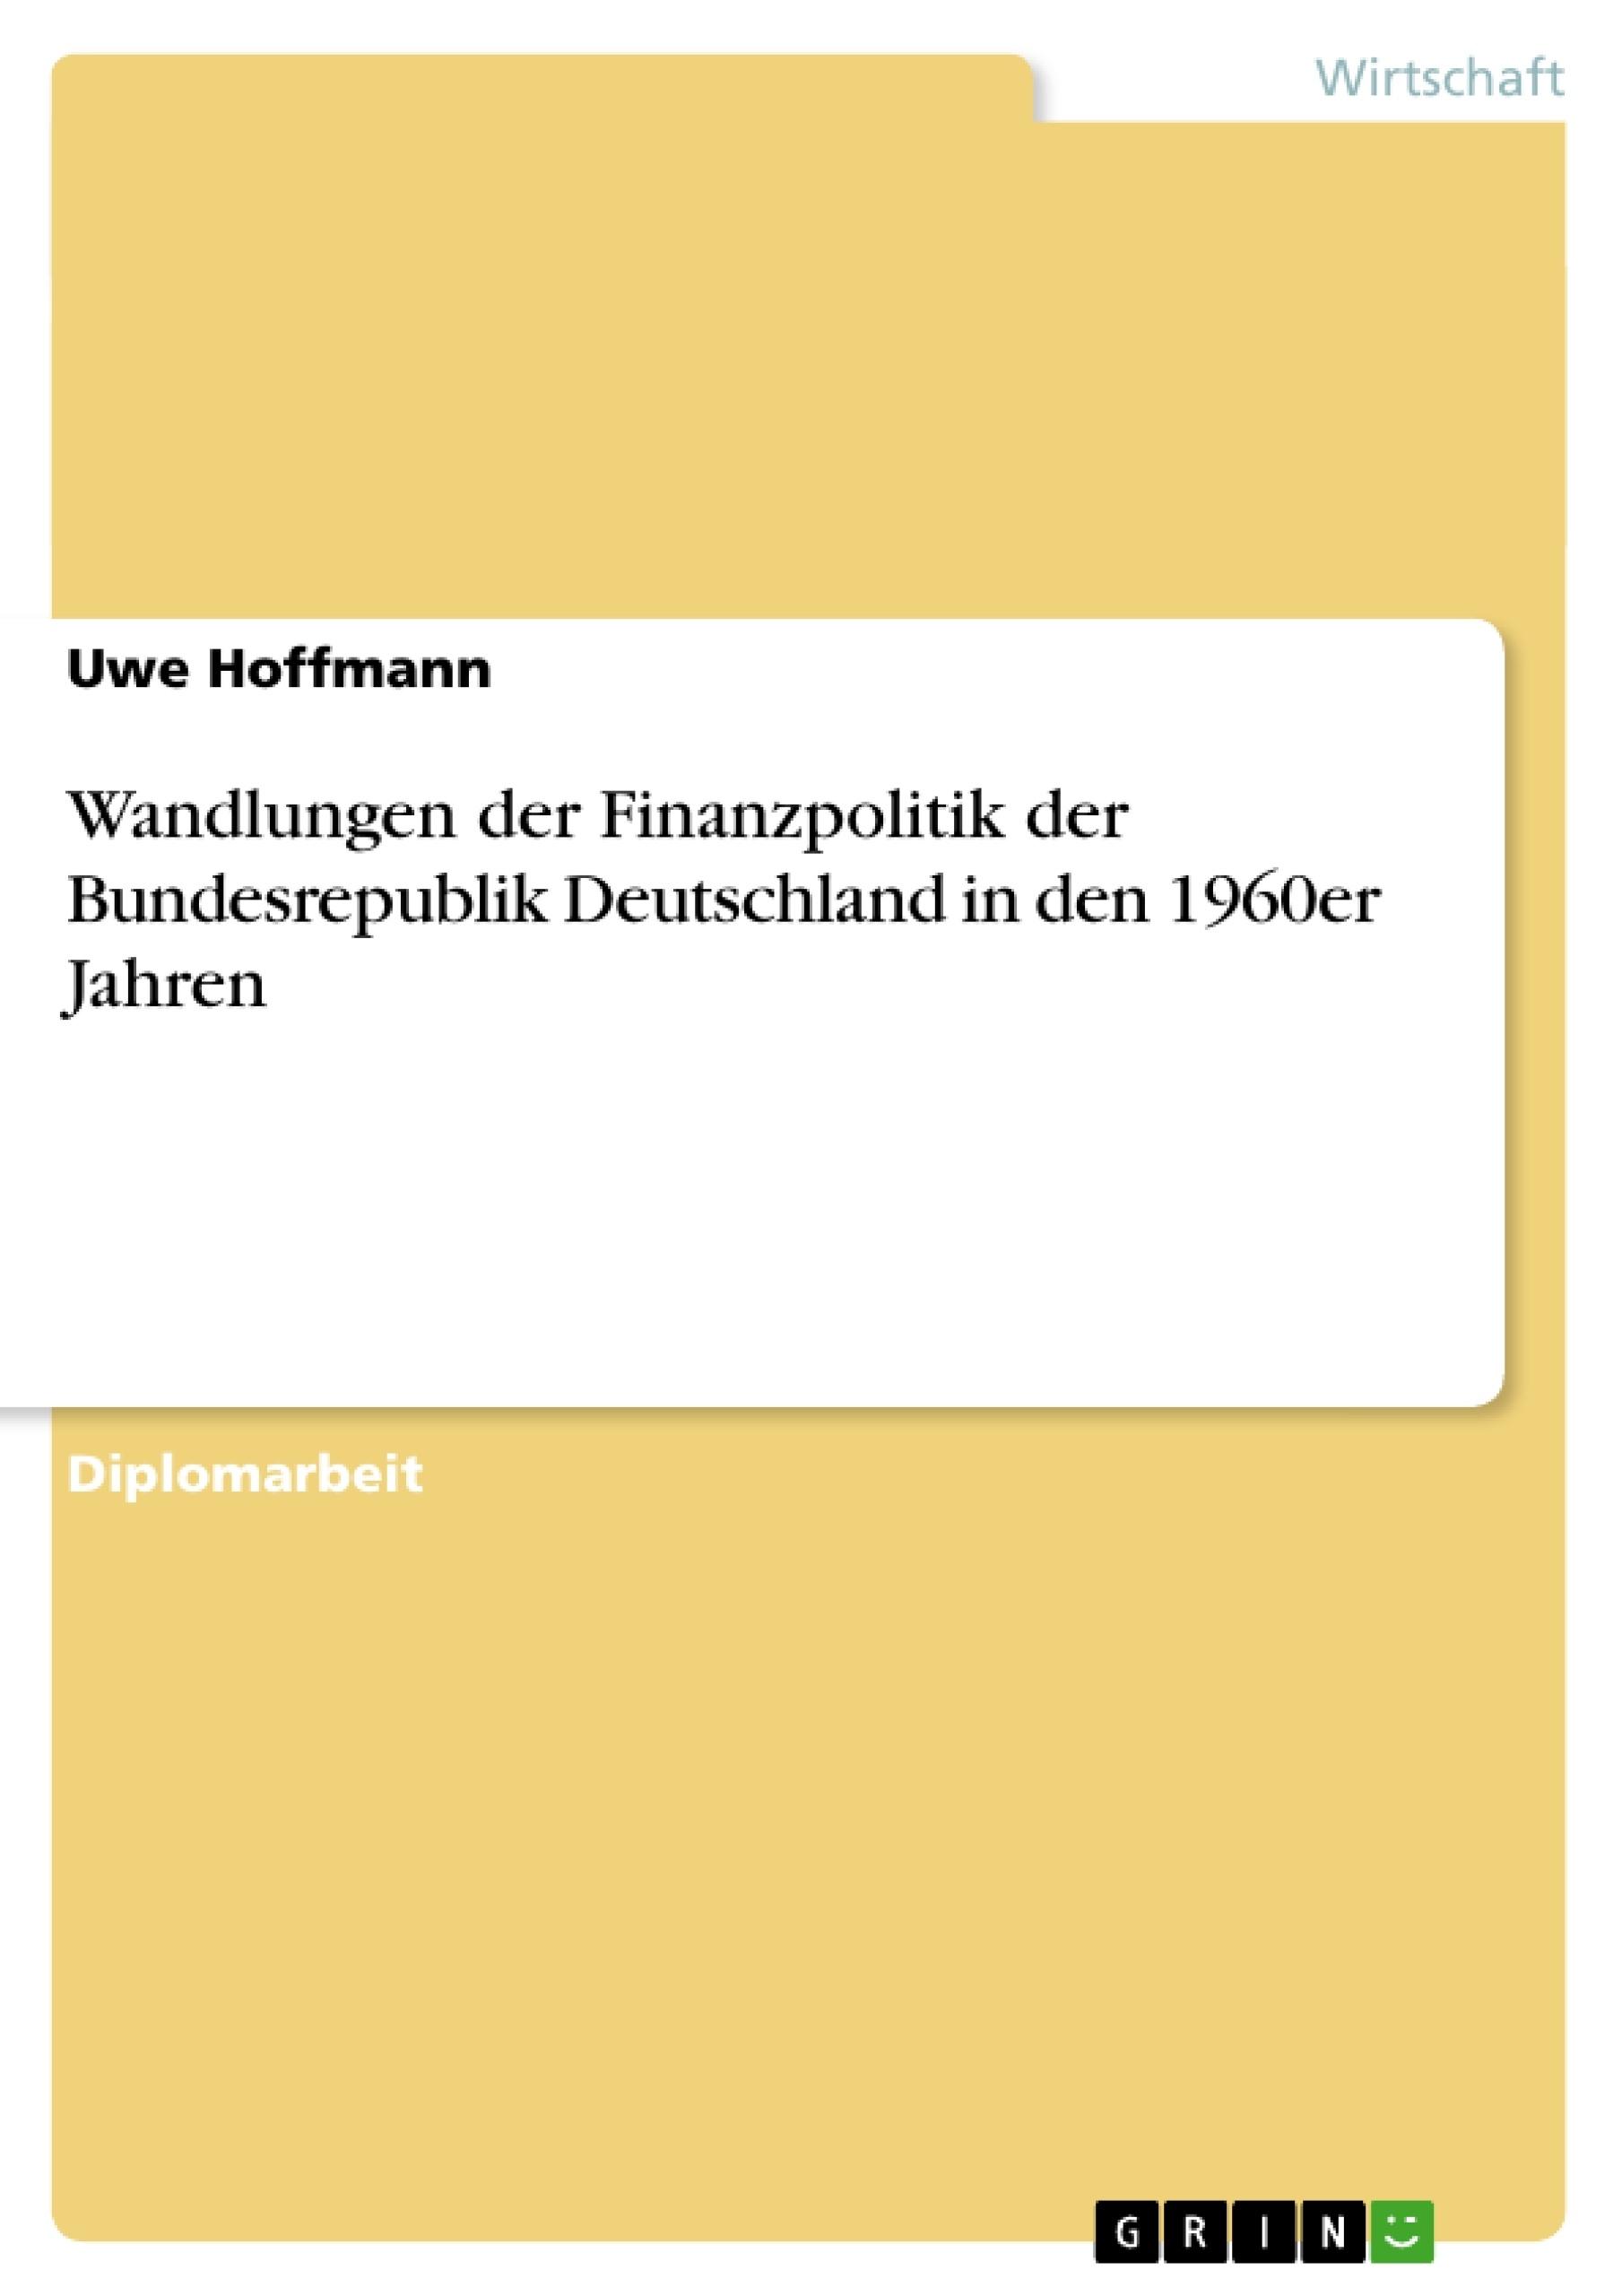 Titel: Wandlungen der Finanzpolitik der Bundesrepublik Deutschland in den 1960er Jahren